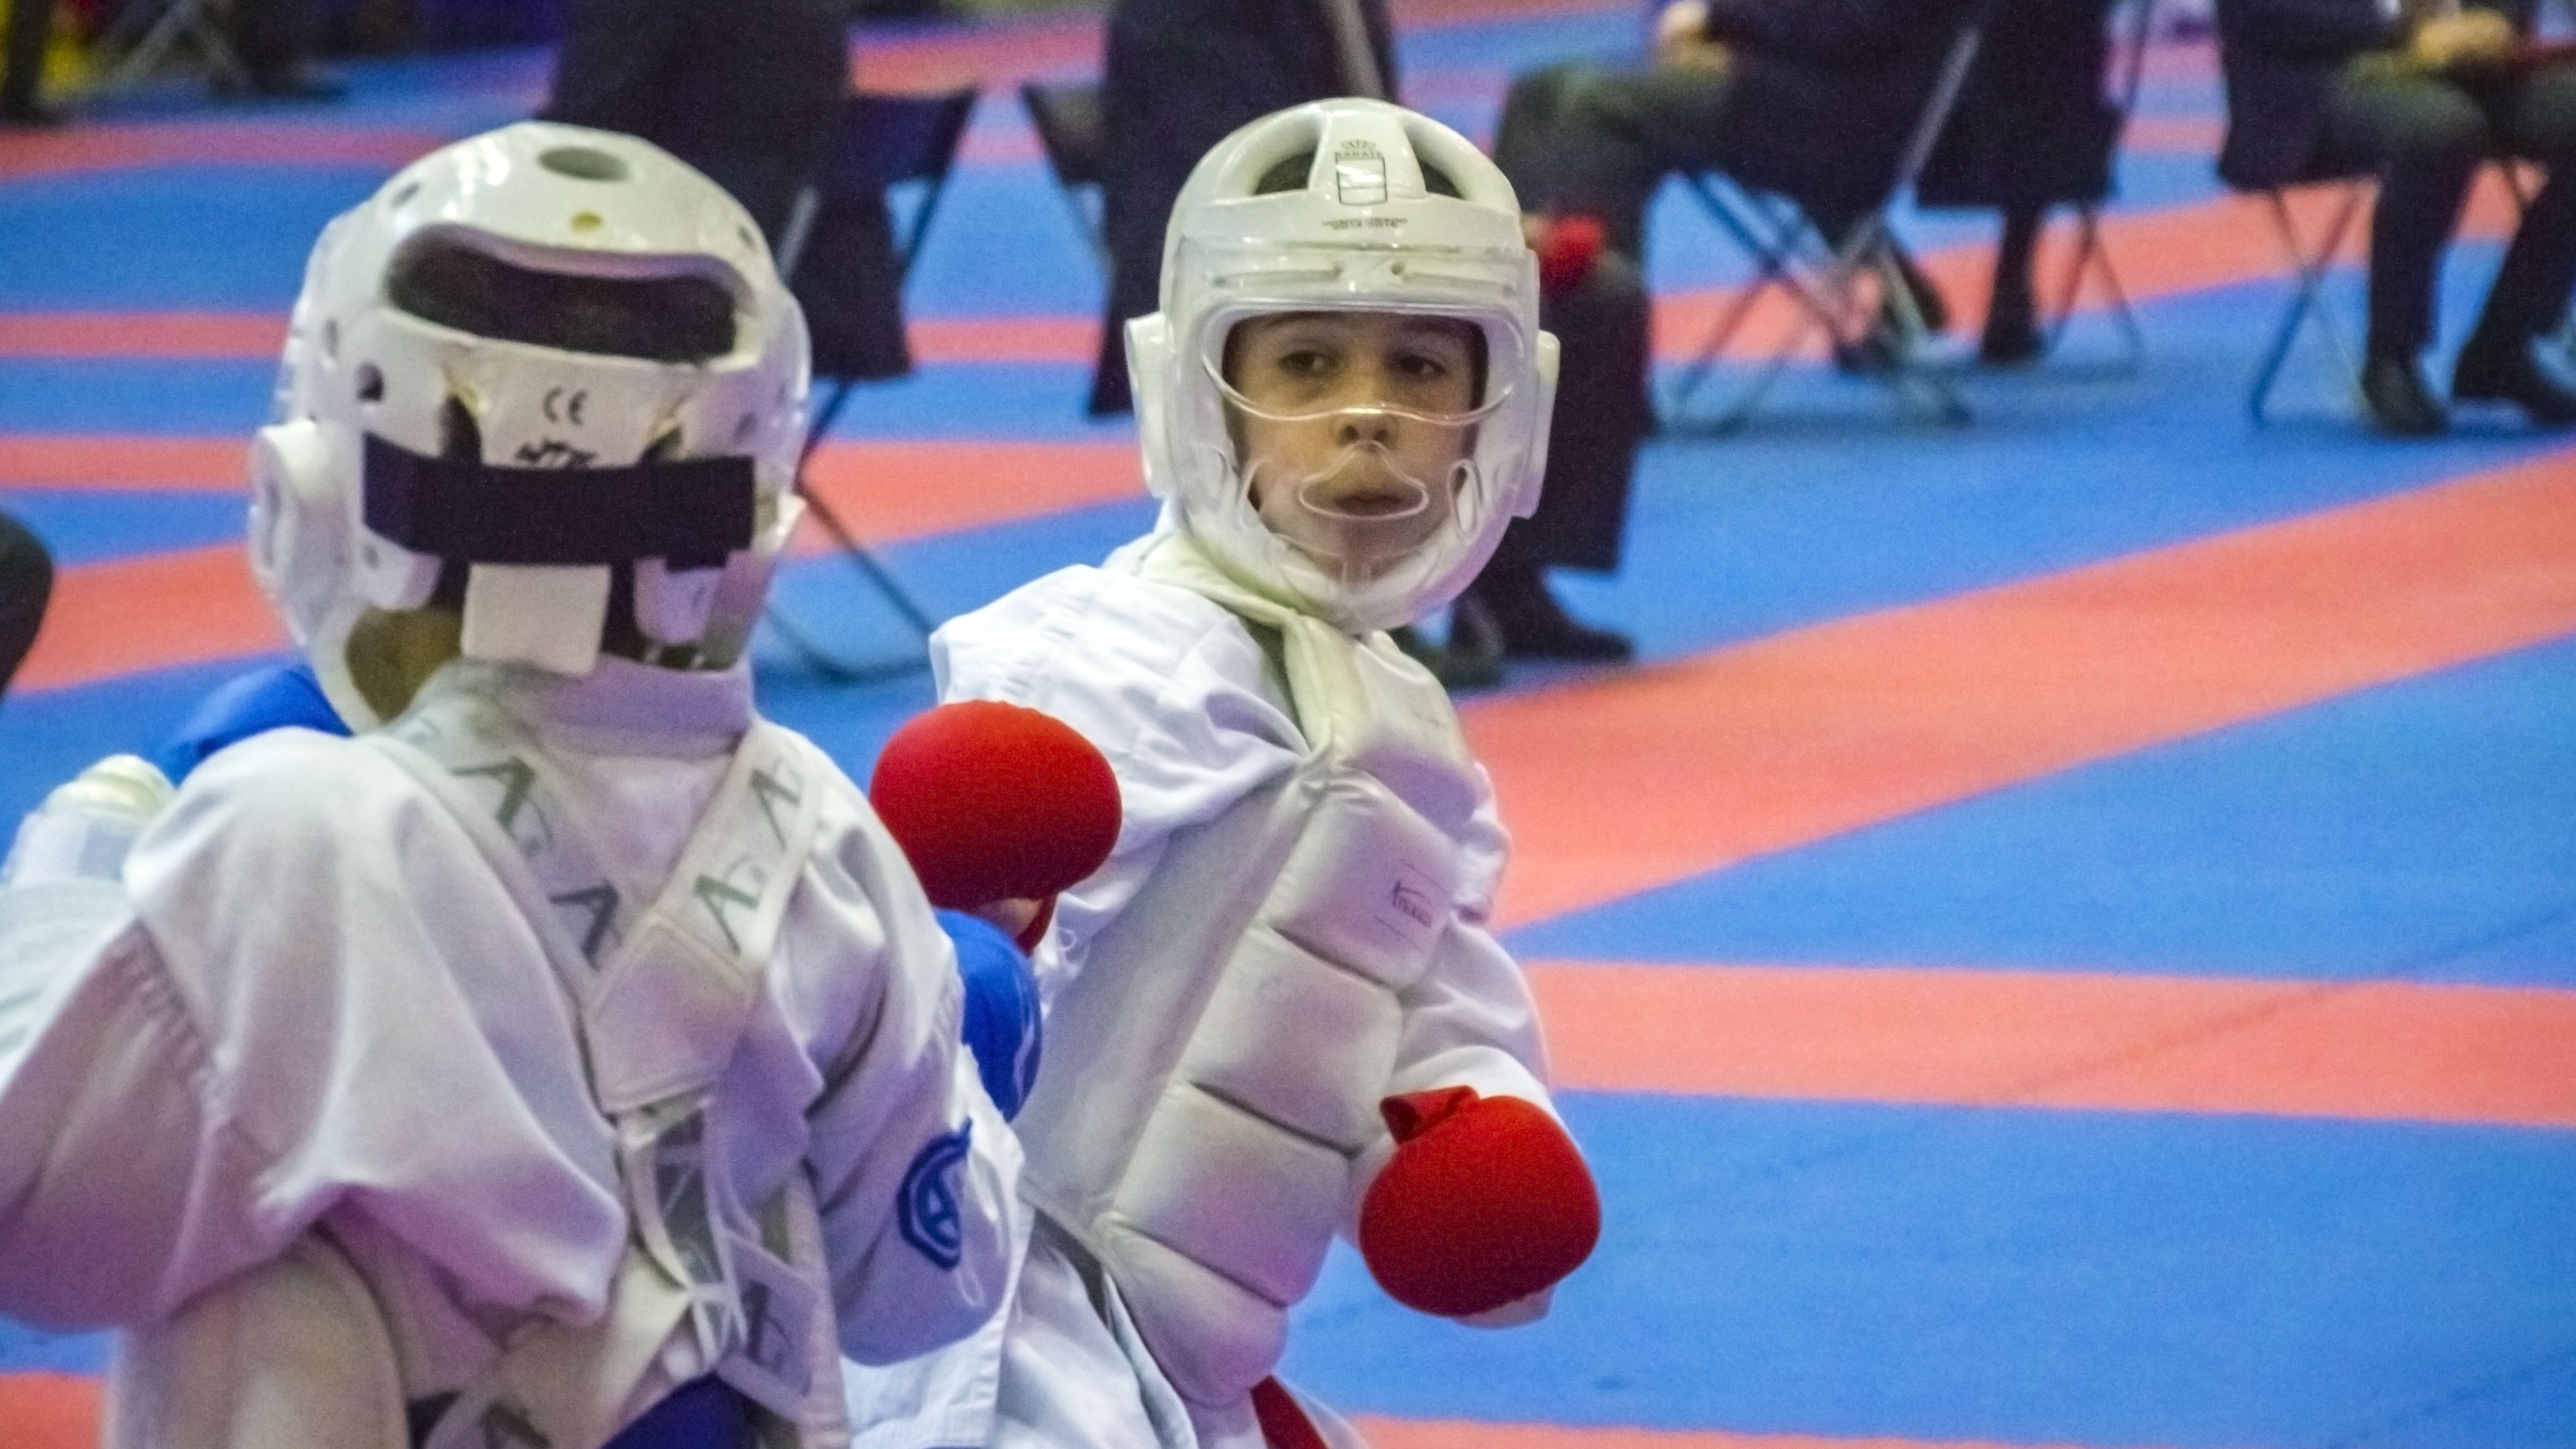 Liga Nacional Masculina de Kárate categorías infantiles. Arganda del Rey 19 de enero 2019